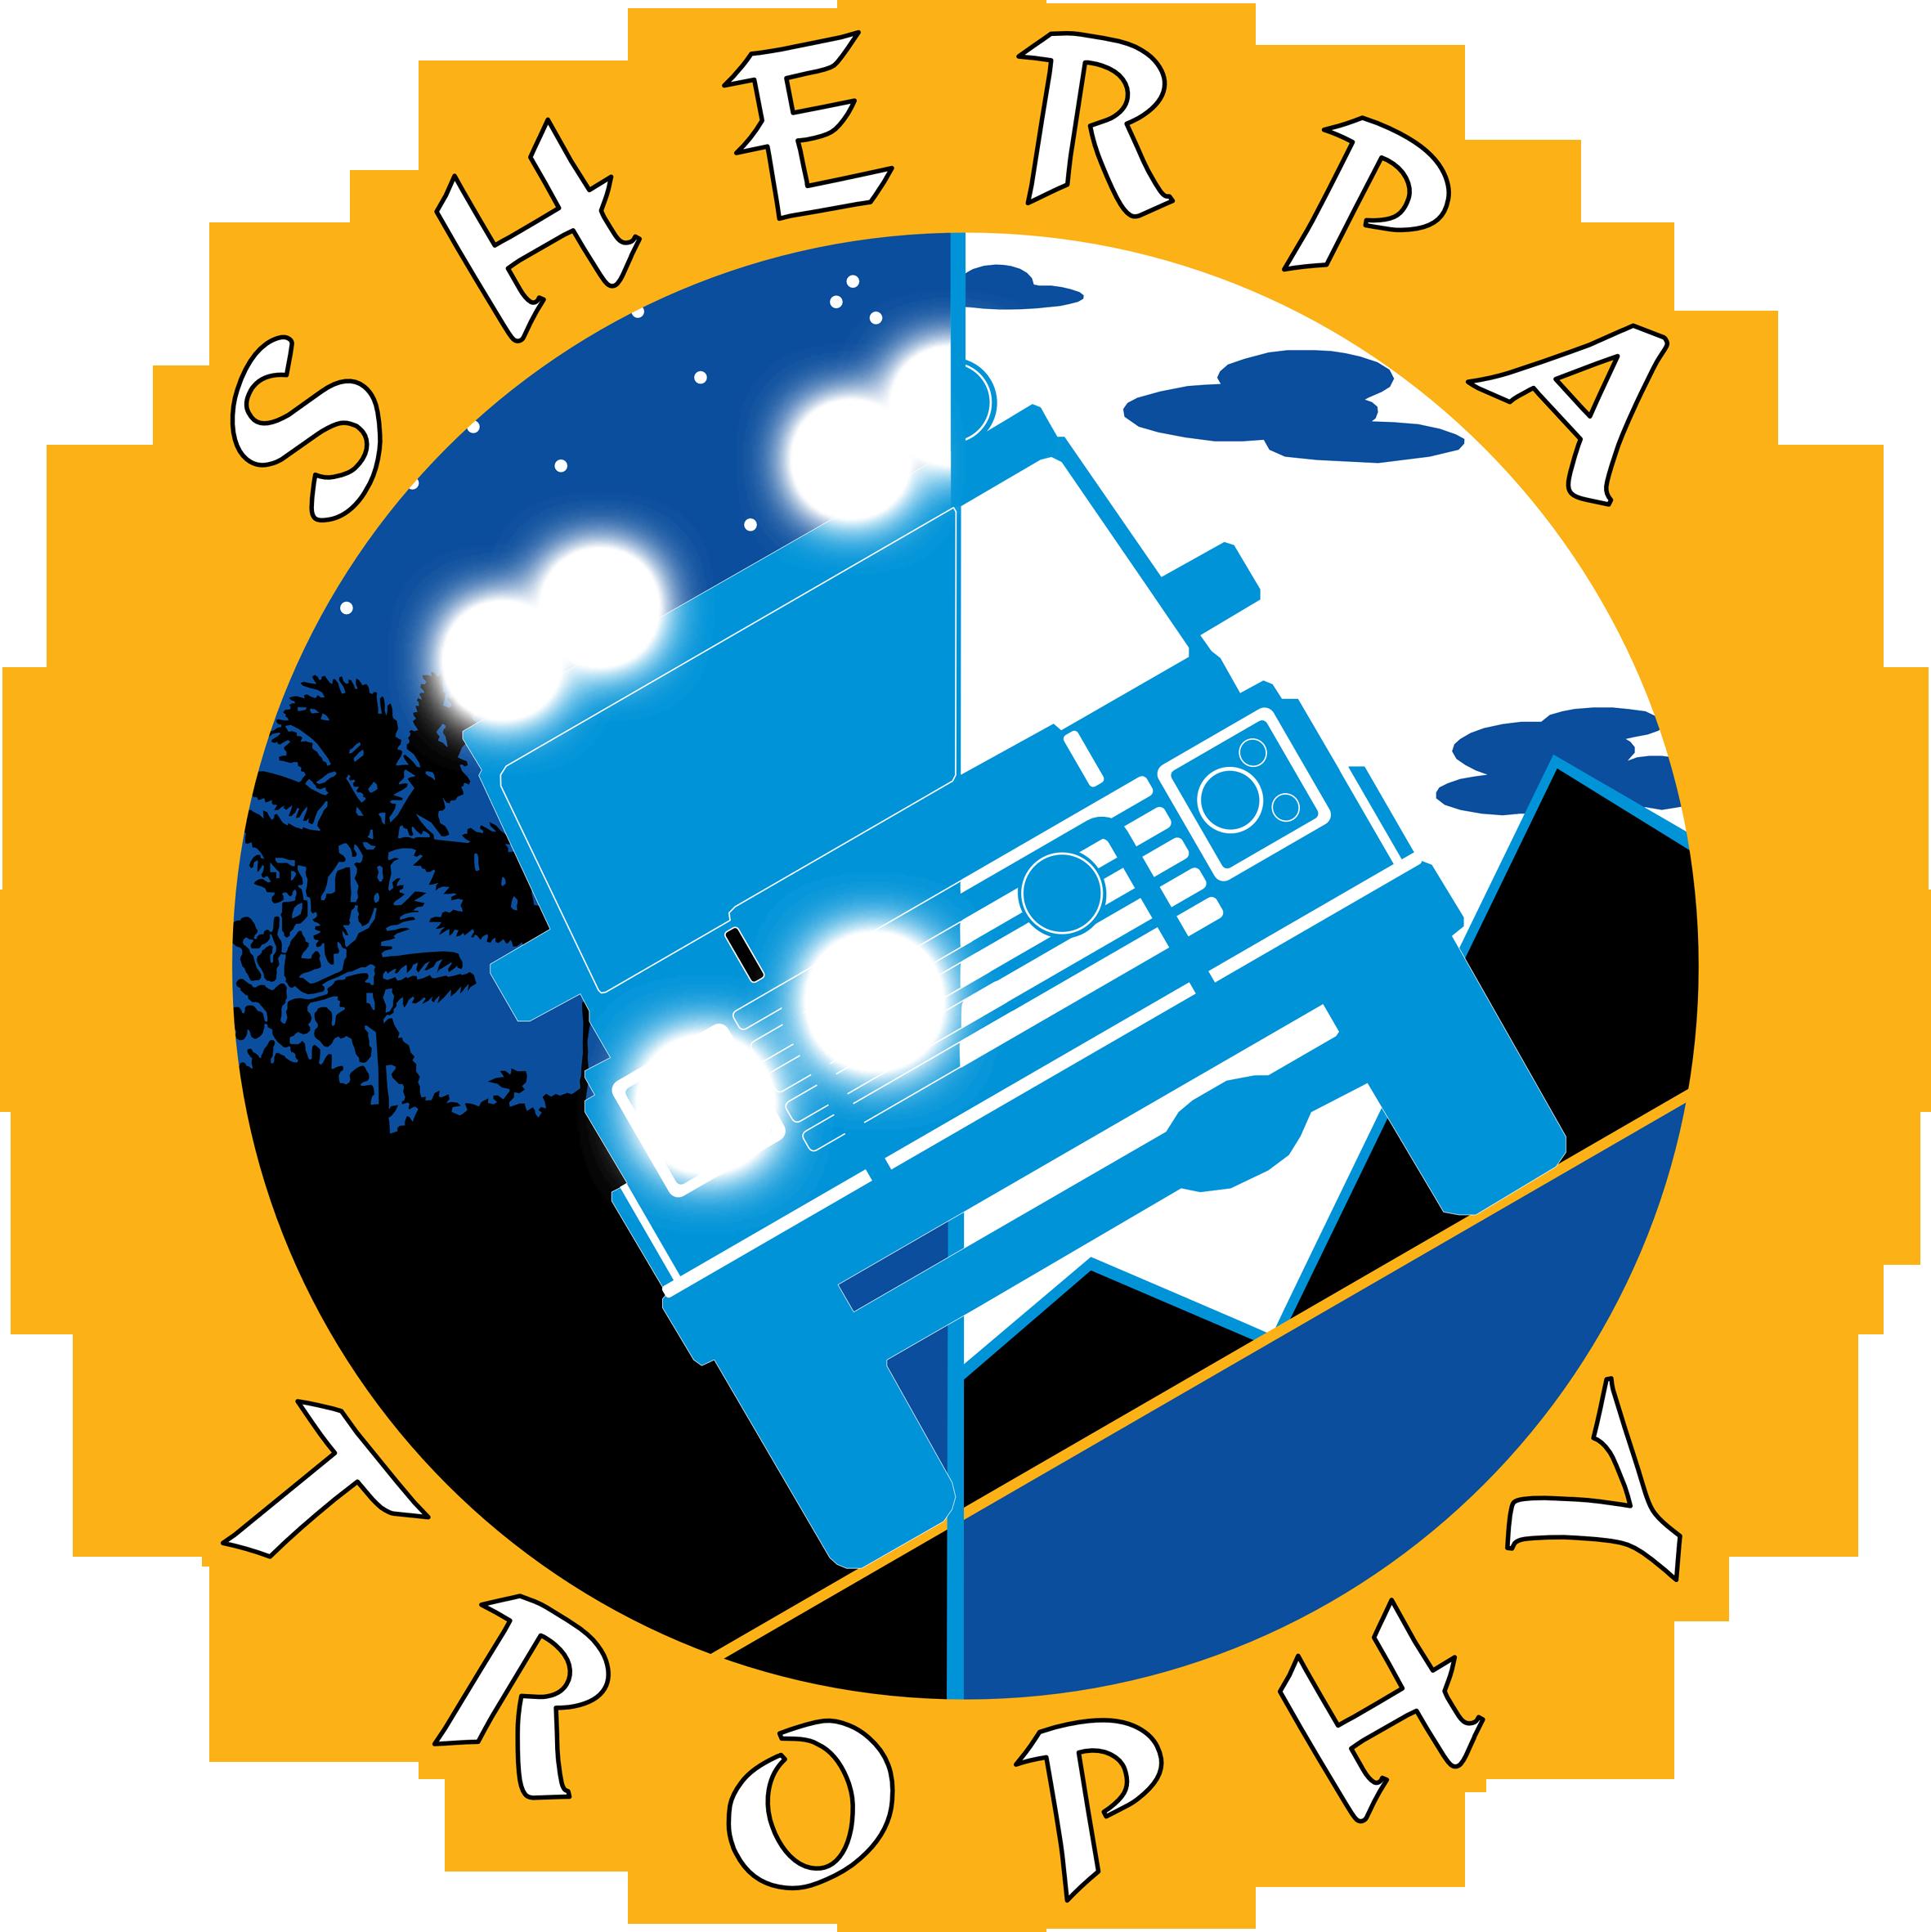 SHERPA Trophy